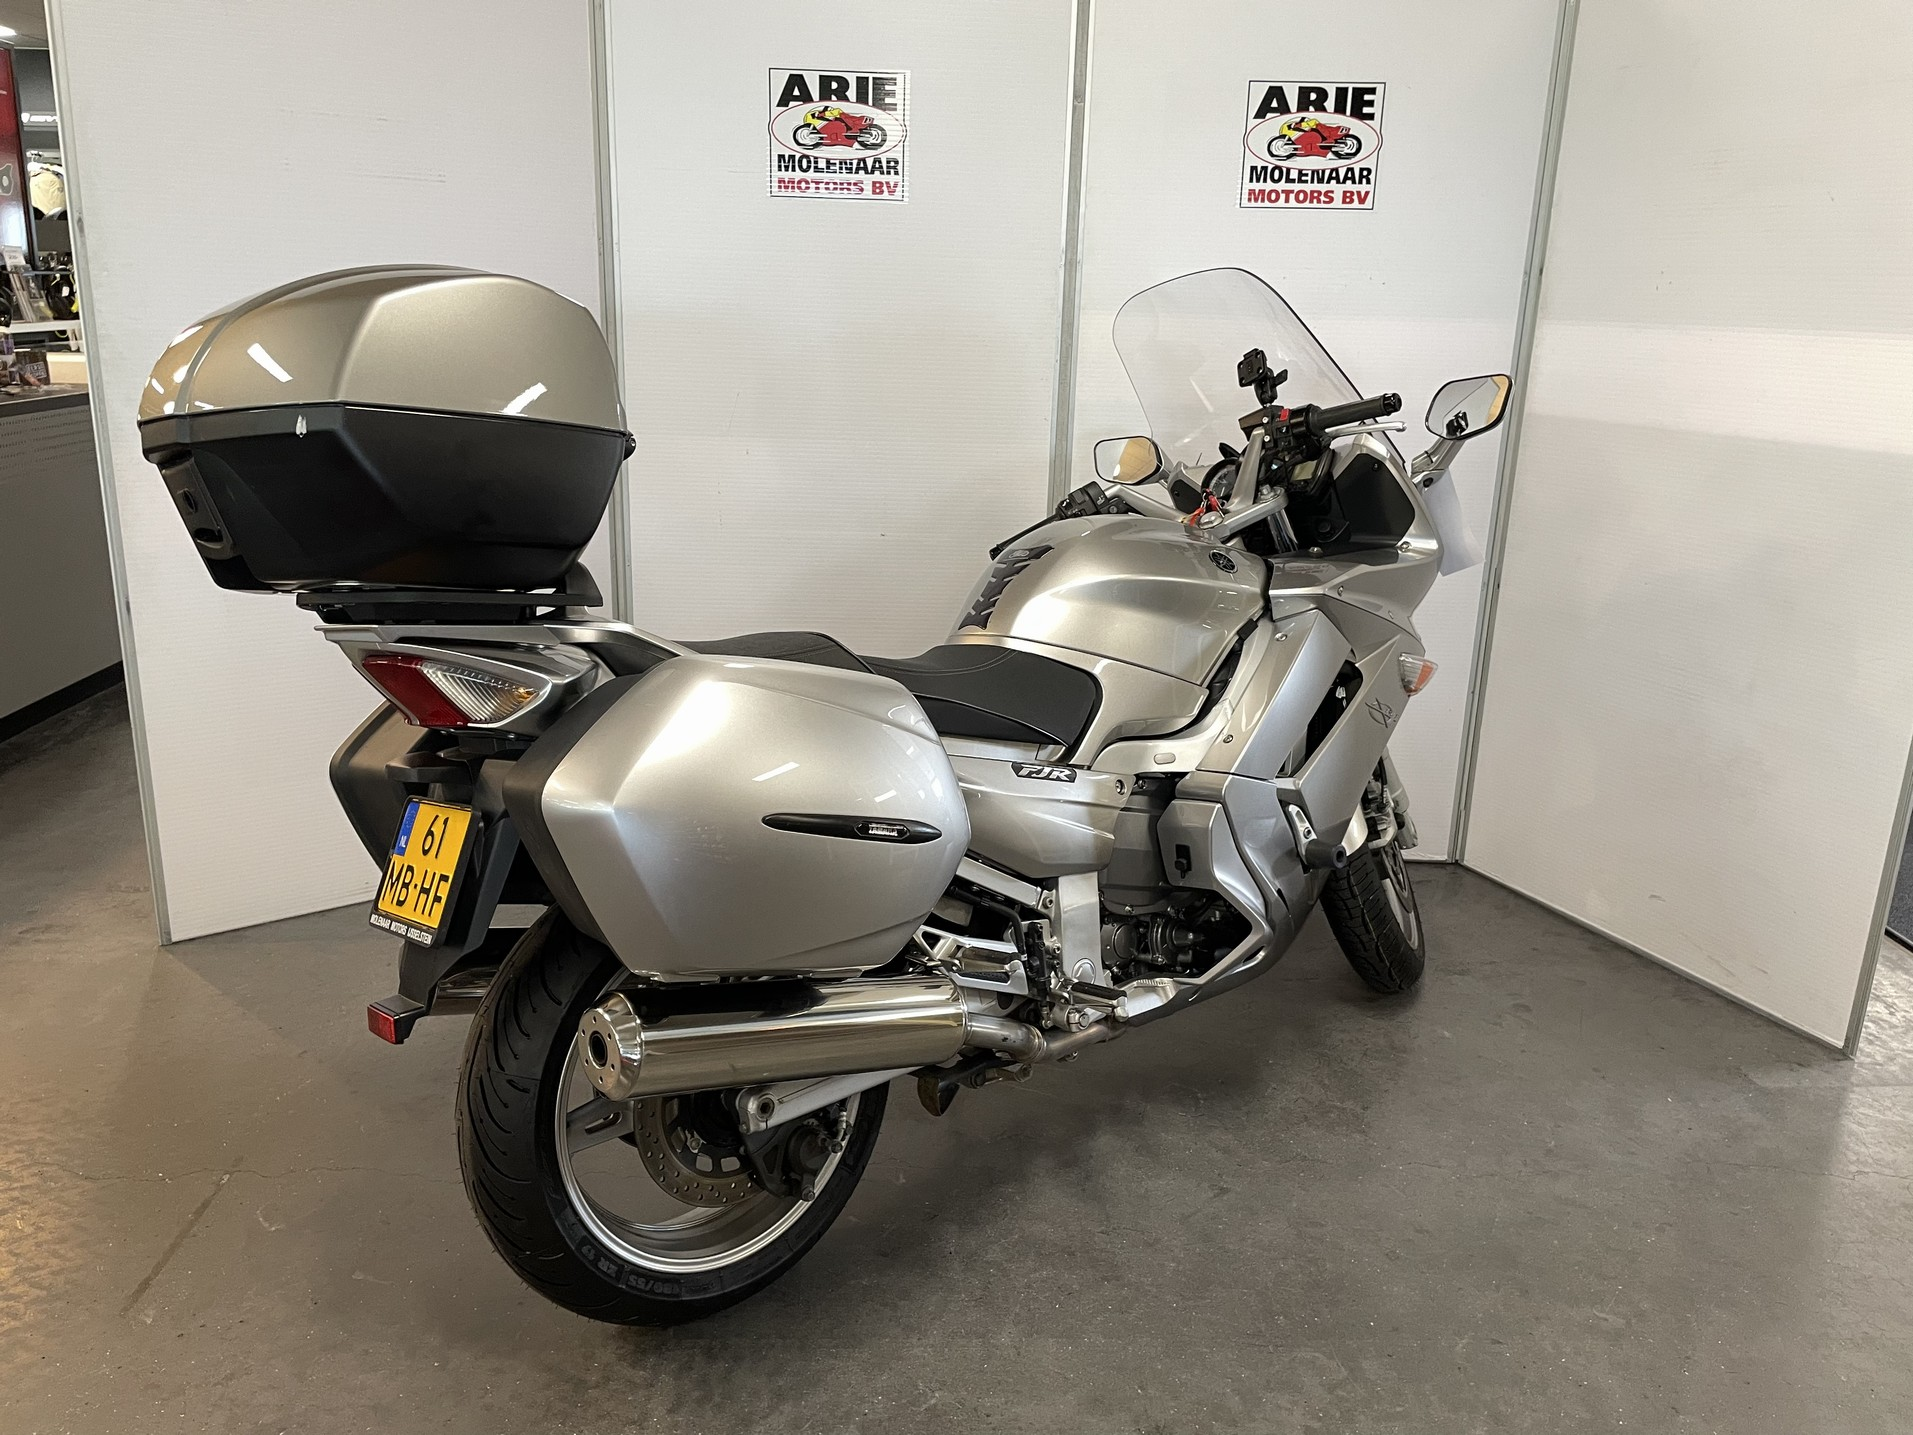 YAMAHA - FJR 1300 ABS AS